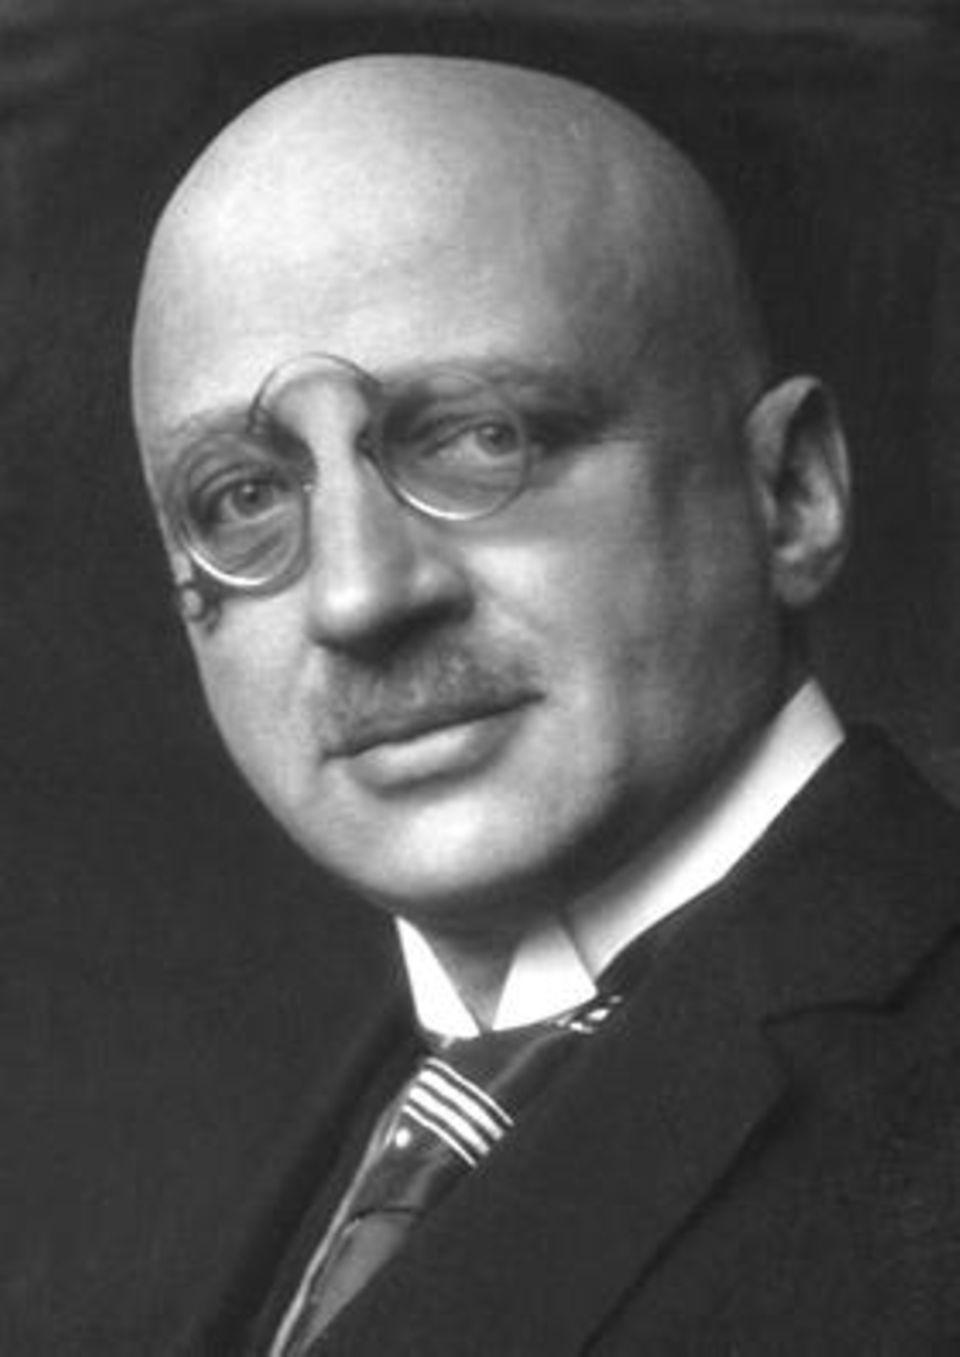 Fritz Haber, ca. 1918